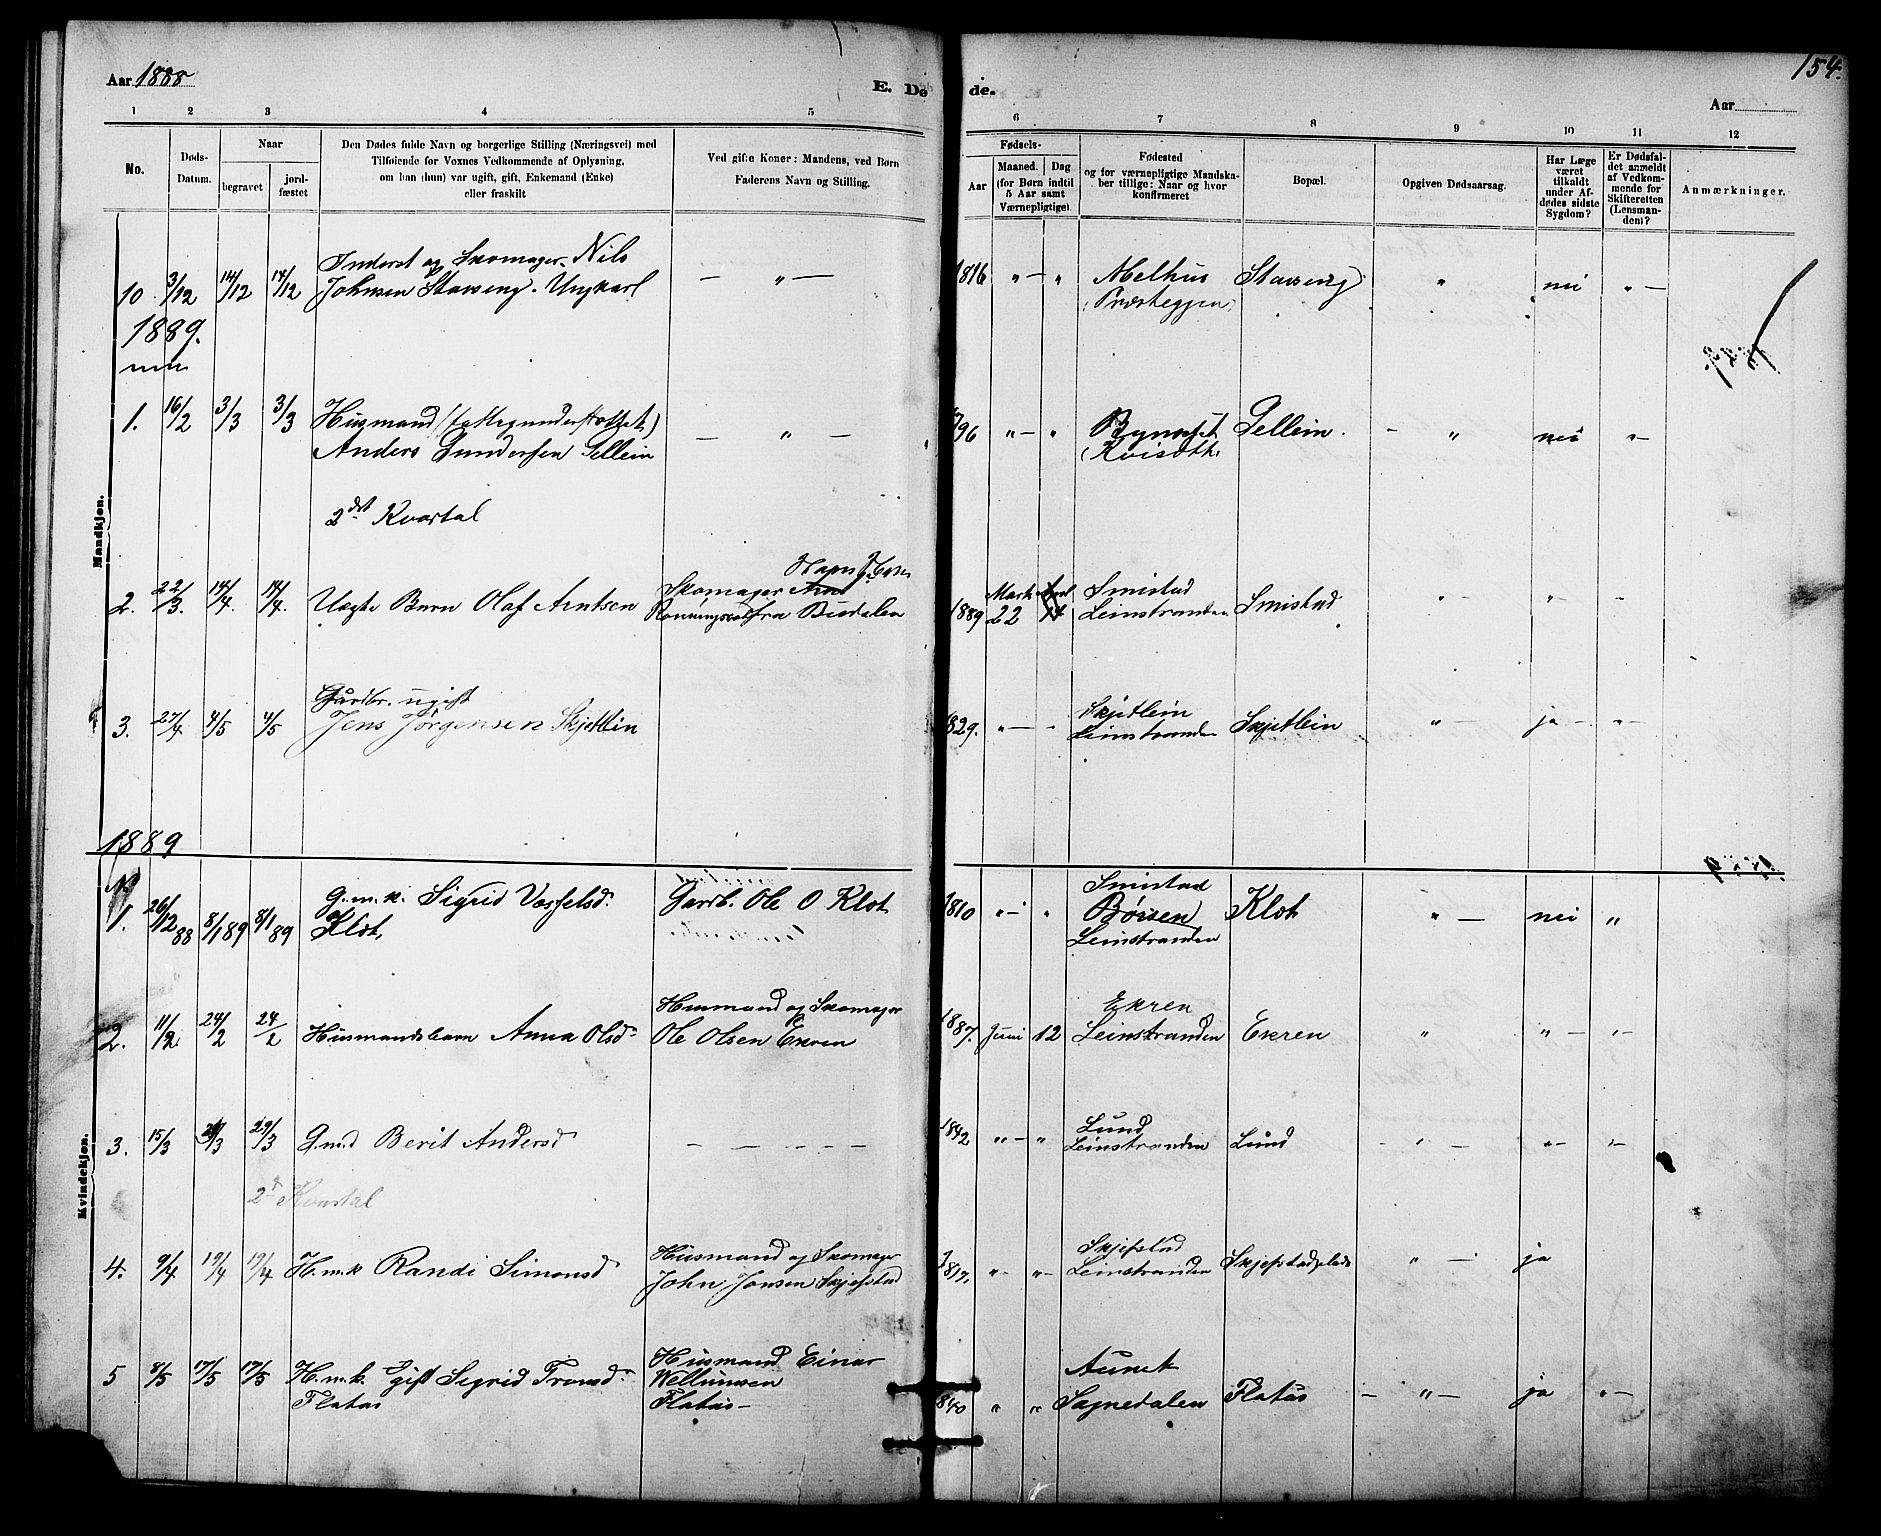 SAT, Ministerialprotokoller, klokkerbøker og fødselsregistre - Sør-Trøndelag, 613/L0395: Klokkerbok nr. 613C03, 1887-1909, s. 154